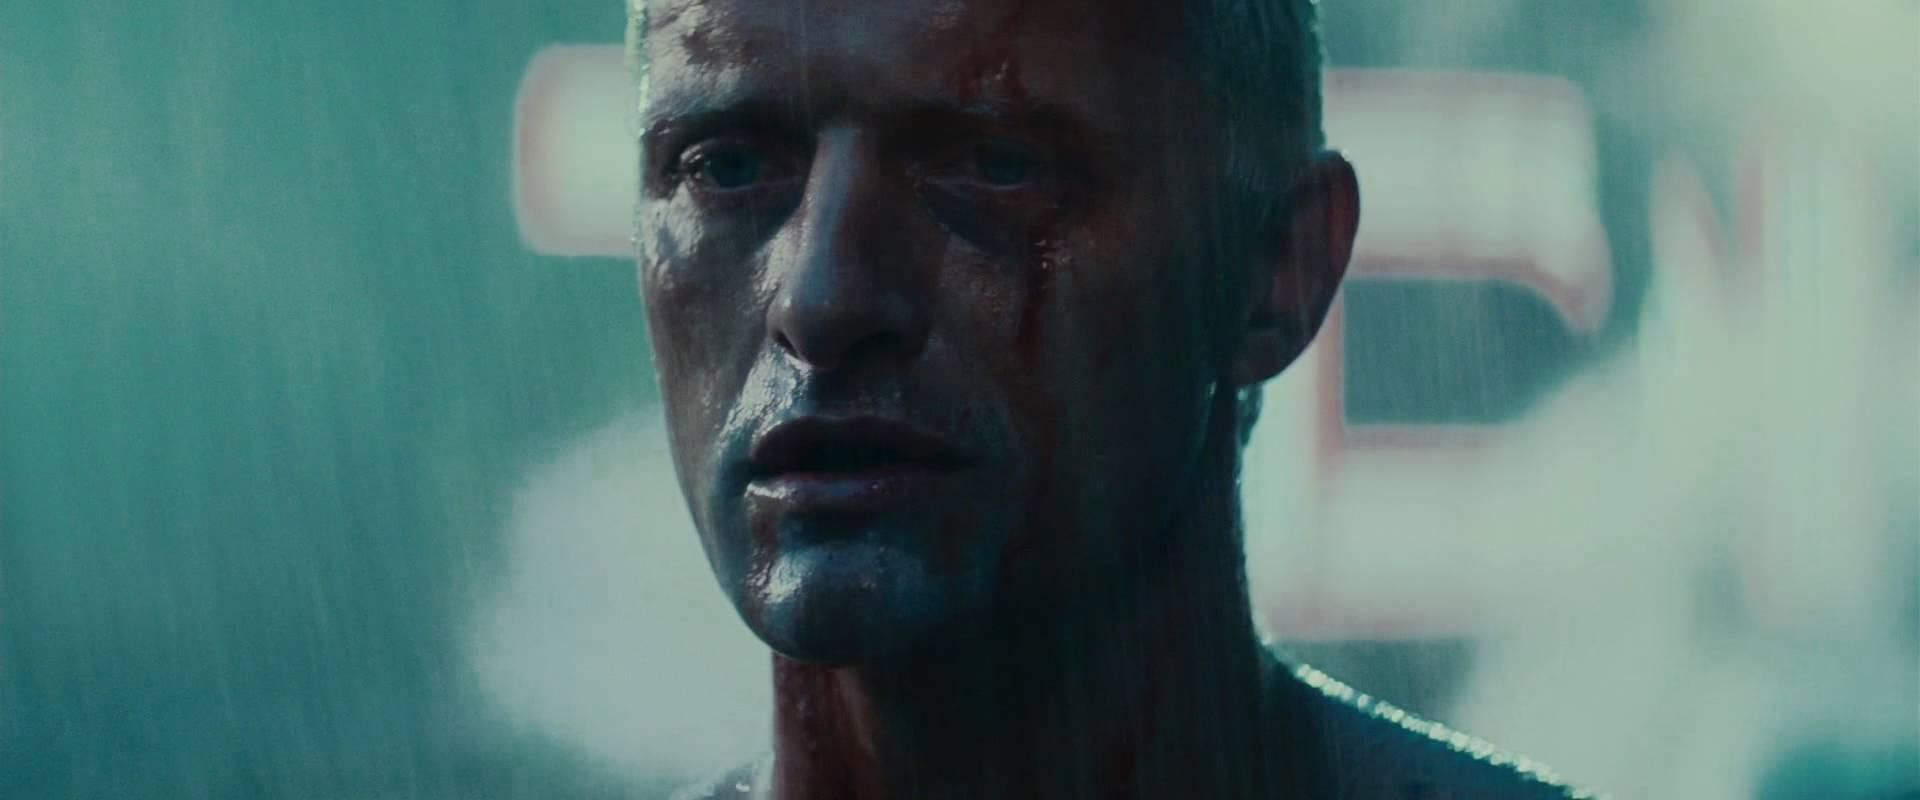 Replicante Blade Runner